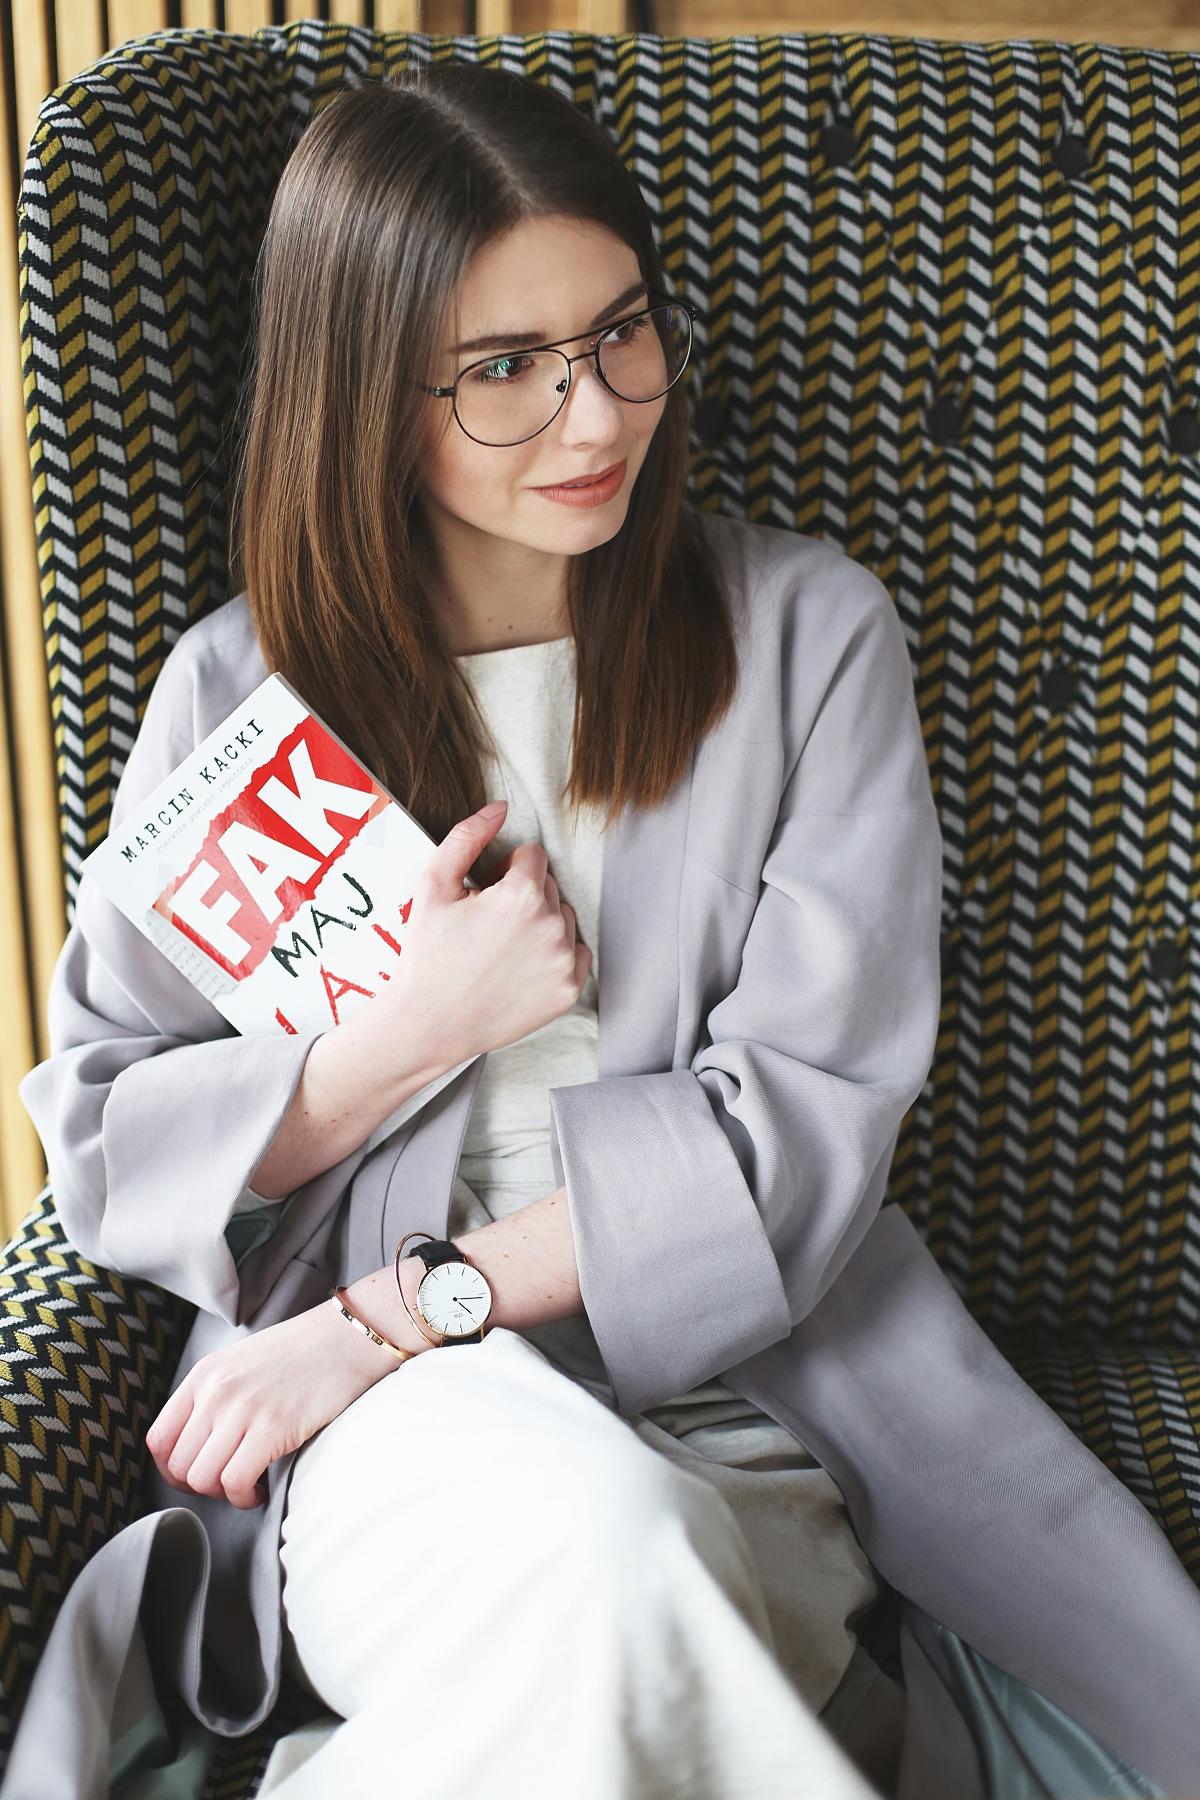 Fak maj lajf - powieść o życiu mediów, brukowców, celebrytów